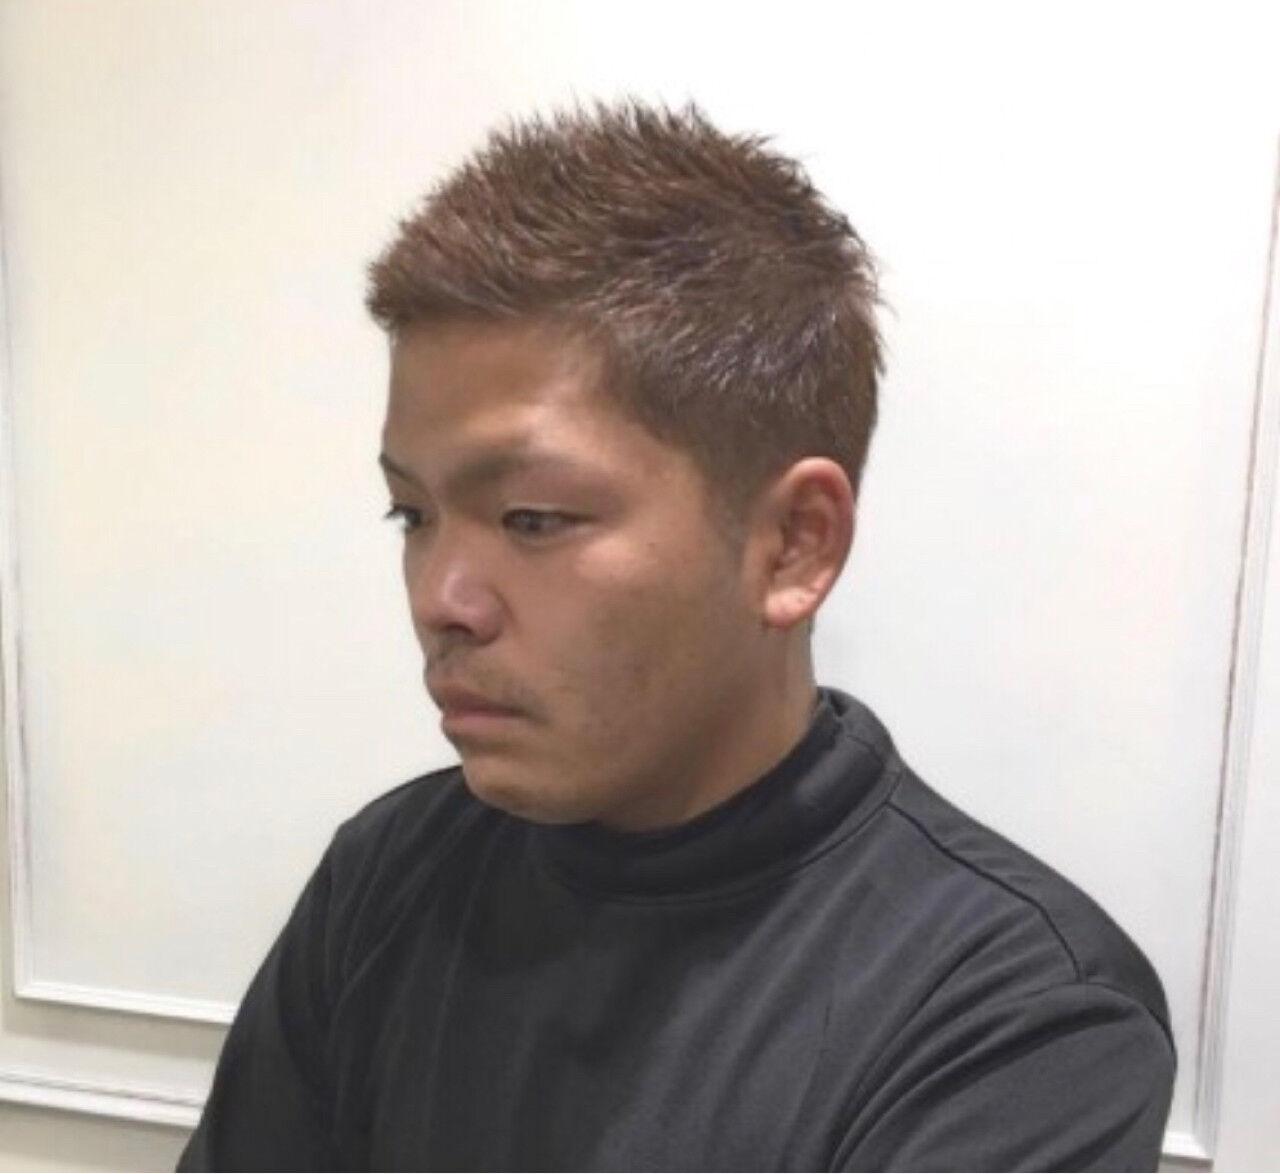 ナチュラル 外国人風 メンズ アウトドアヘアスタイルや髪型の写真・画像